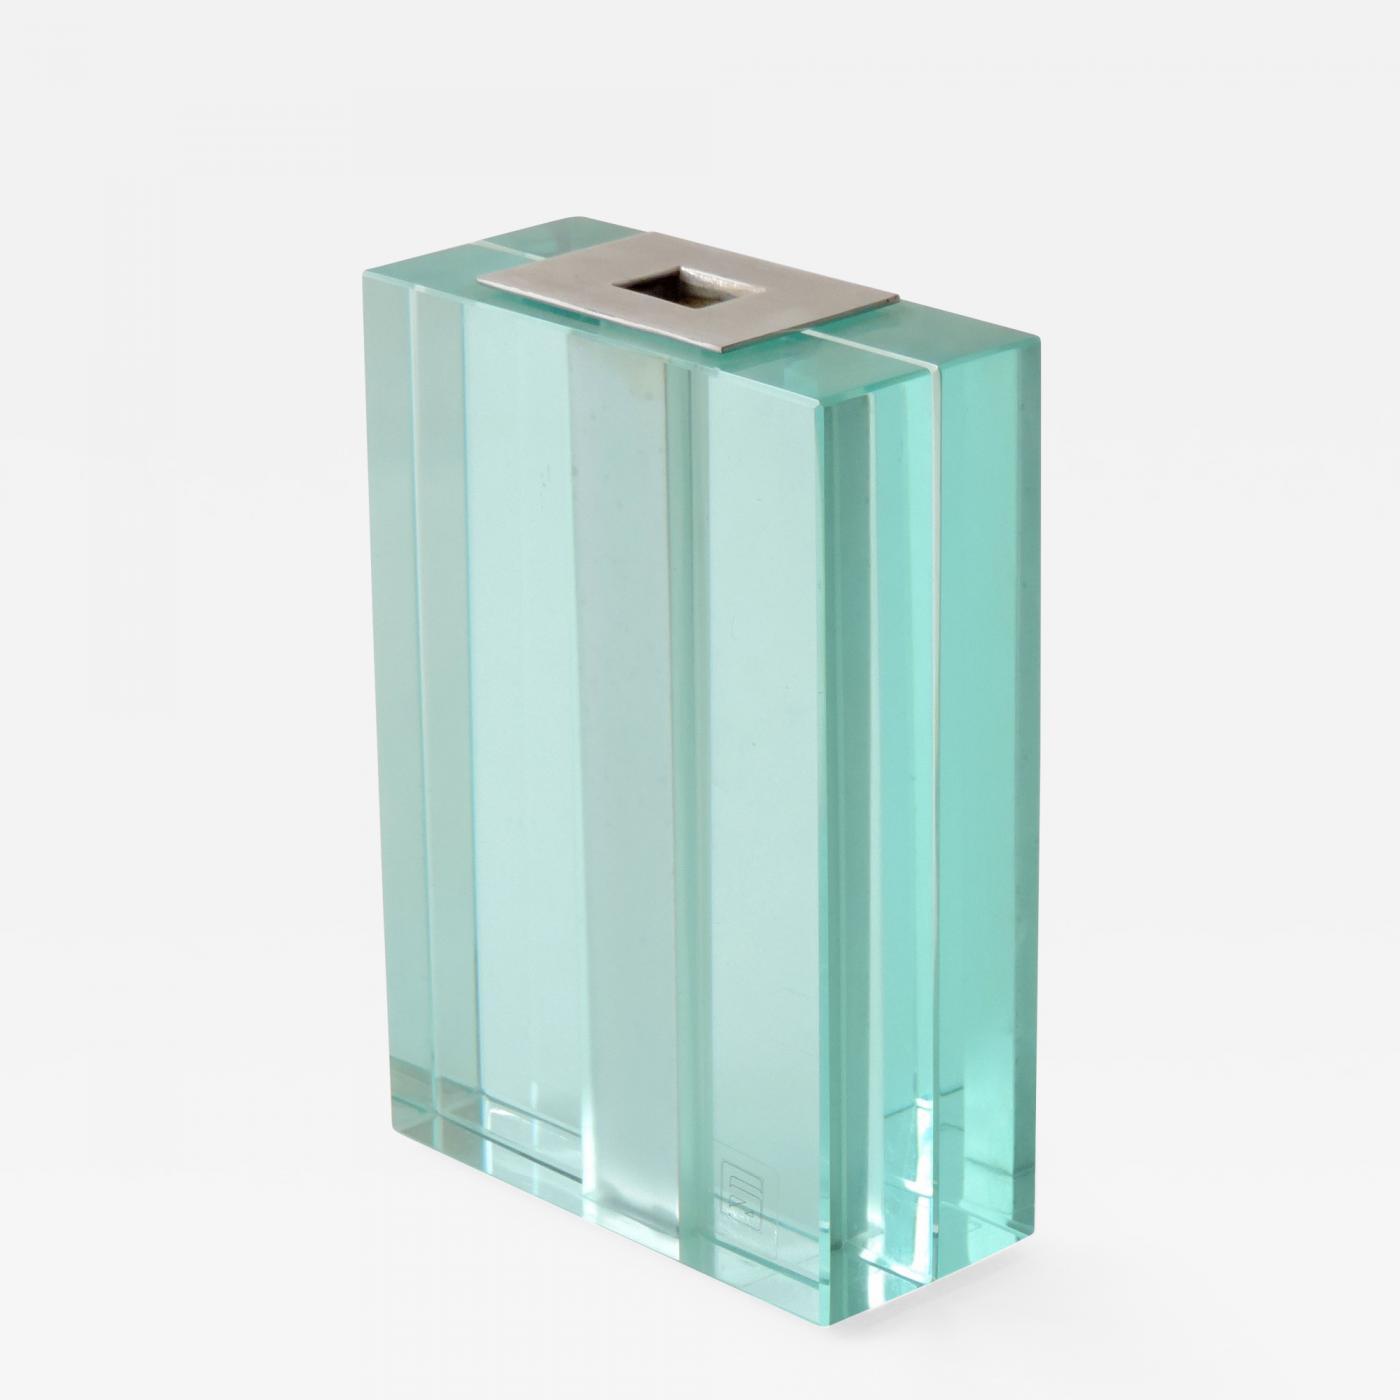 Fontana Arte - Fontana Arte Mod.2049 glass vase